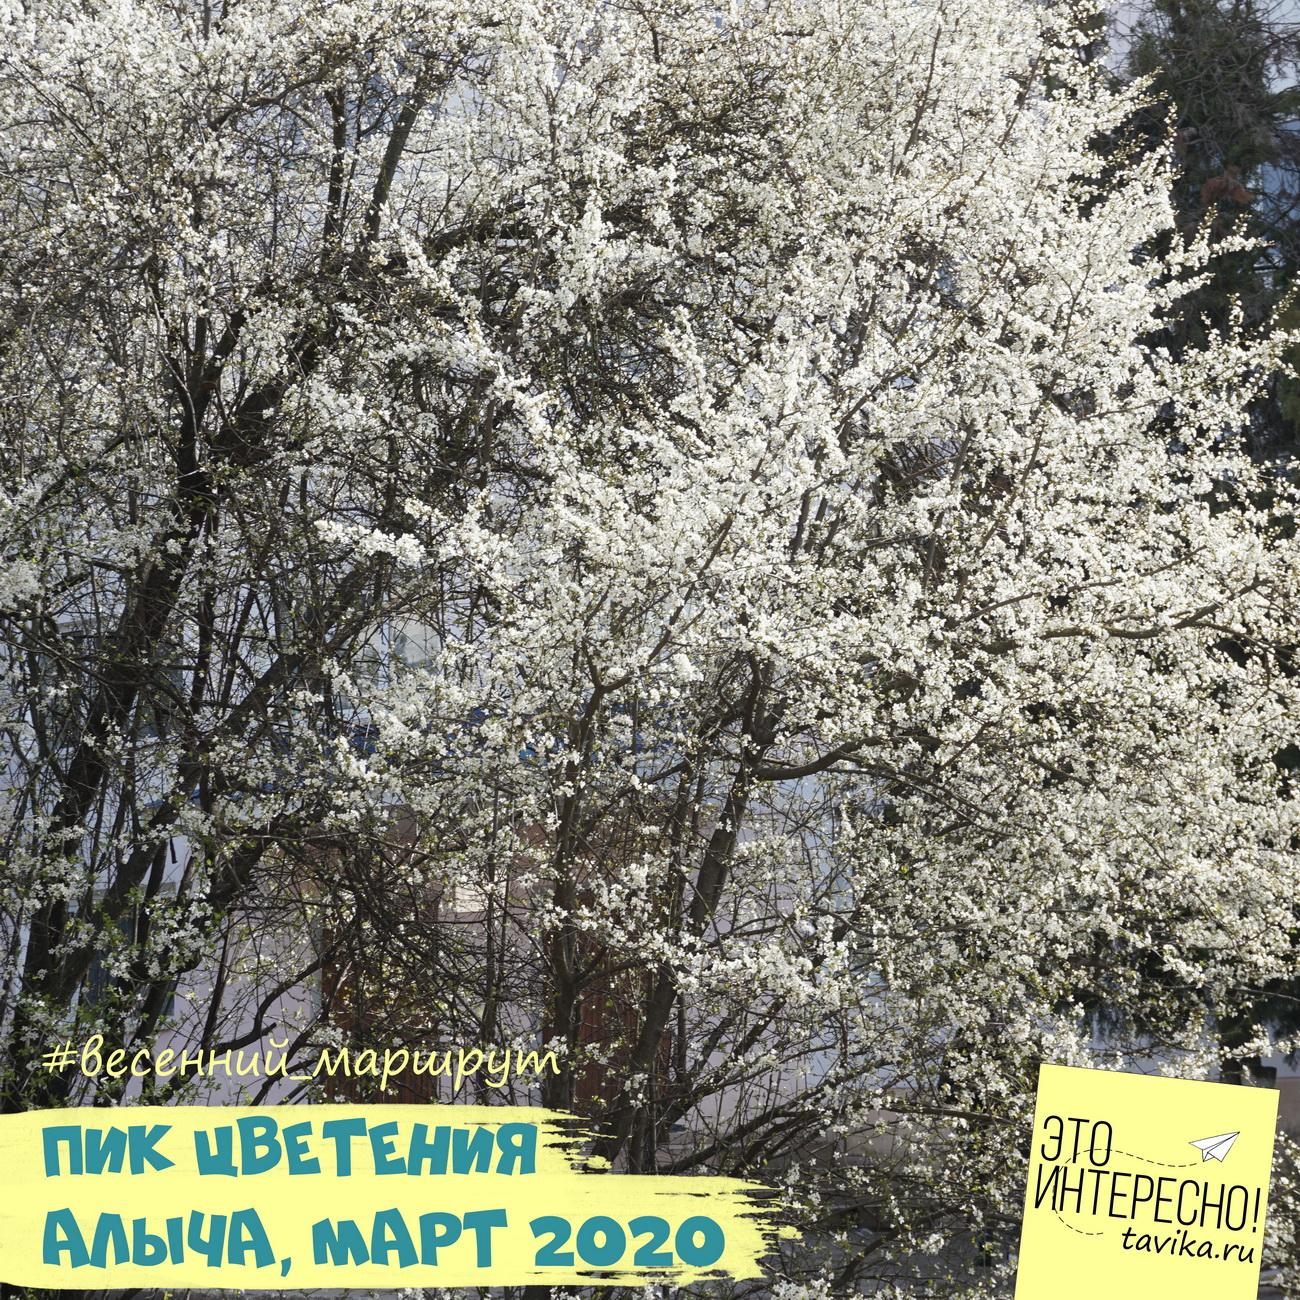 пик цветения у алычи